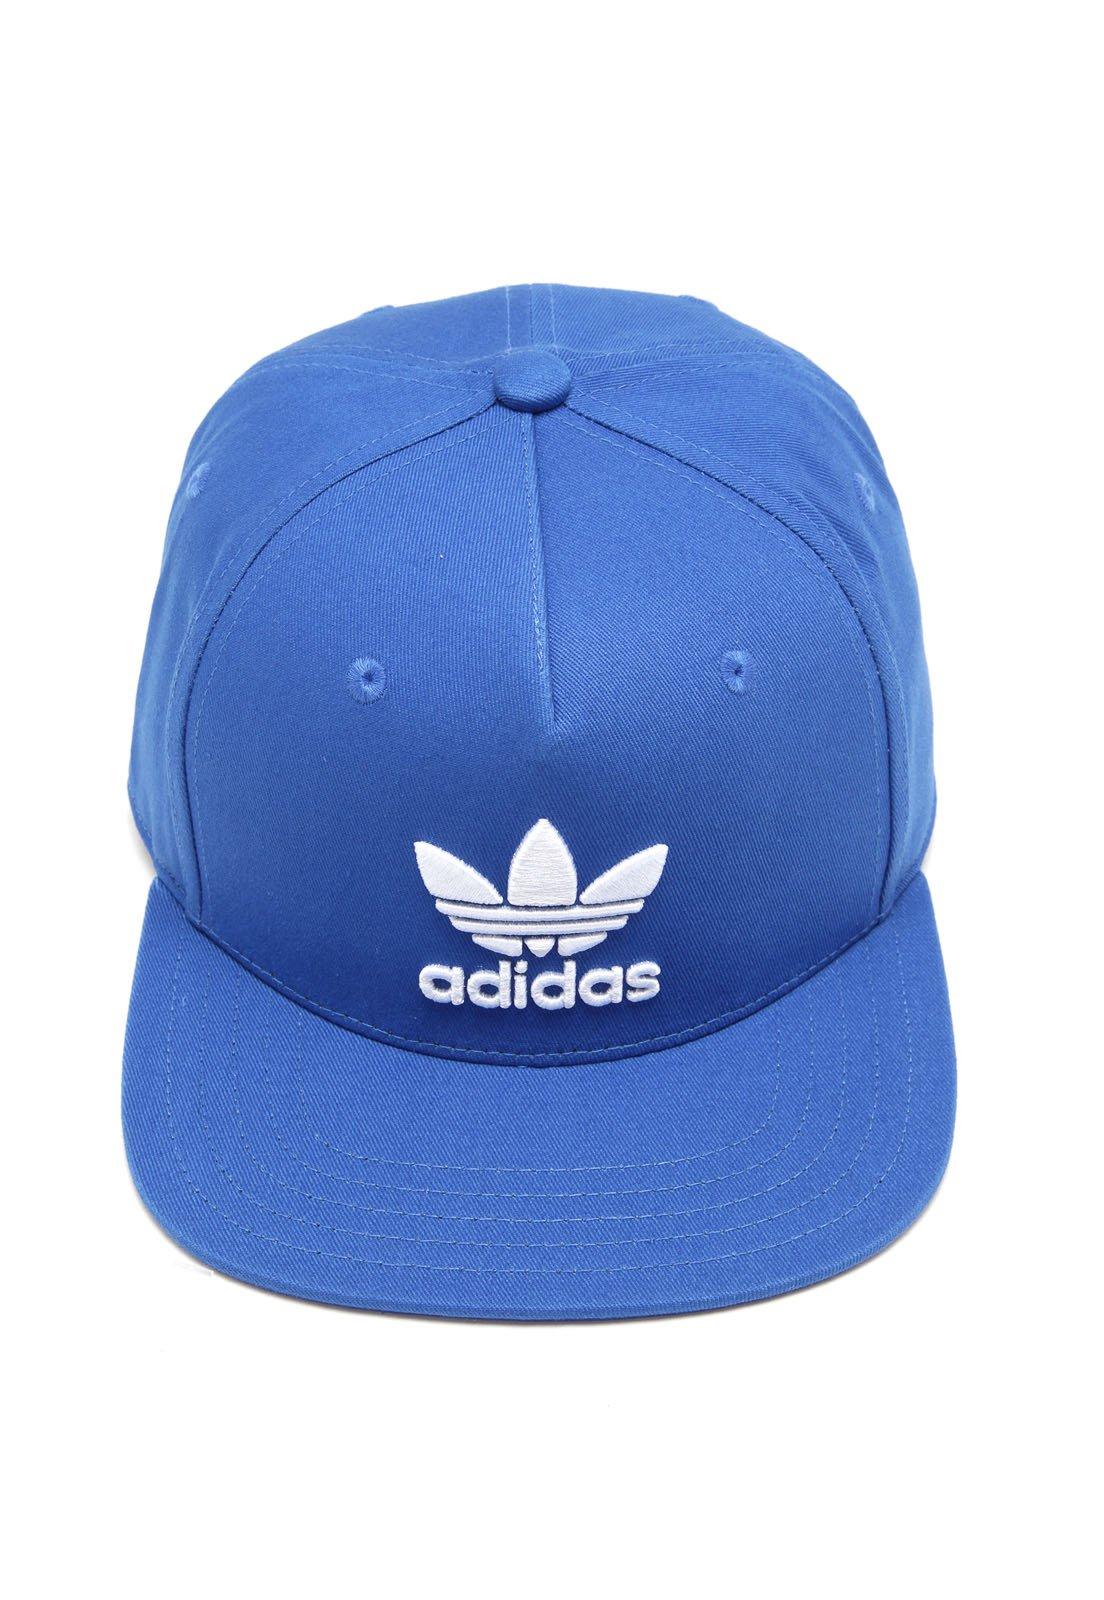 66a50fceef81d Boné adidas Originals Snapback Trefoil Flat Azul - Compre Agora ...